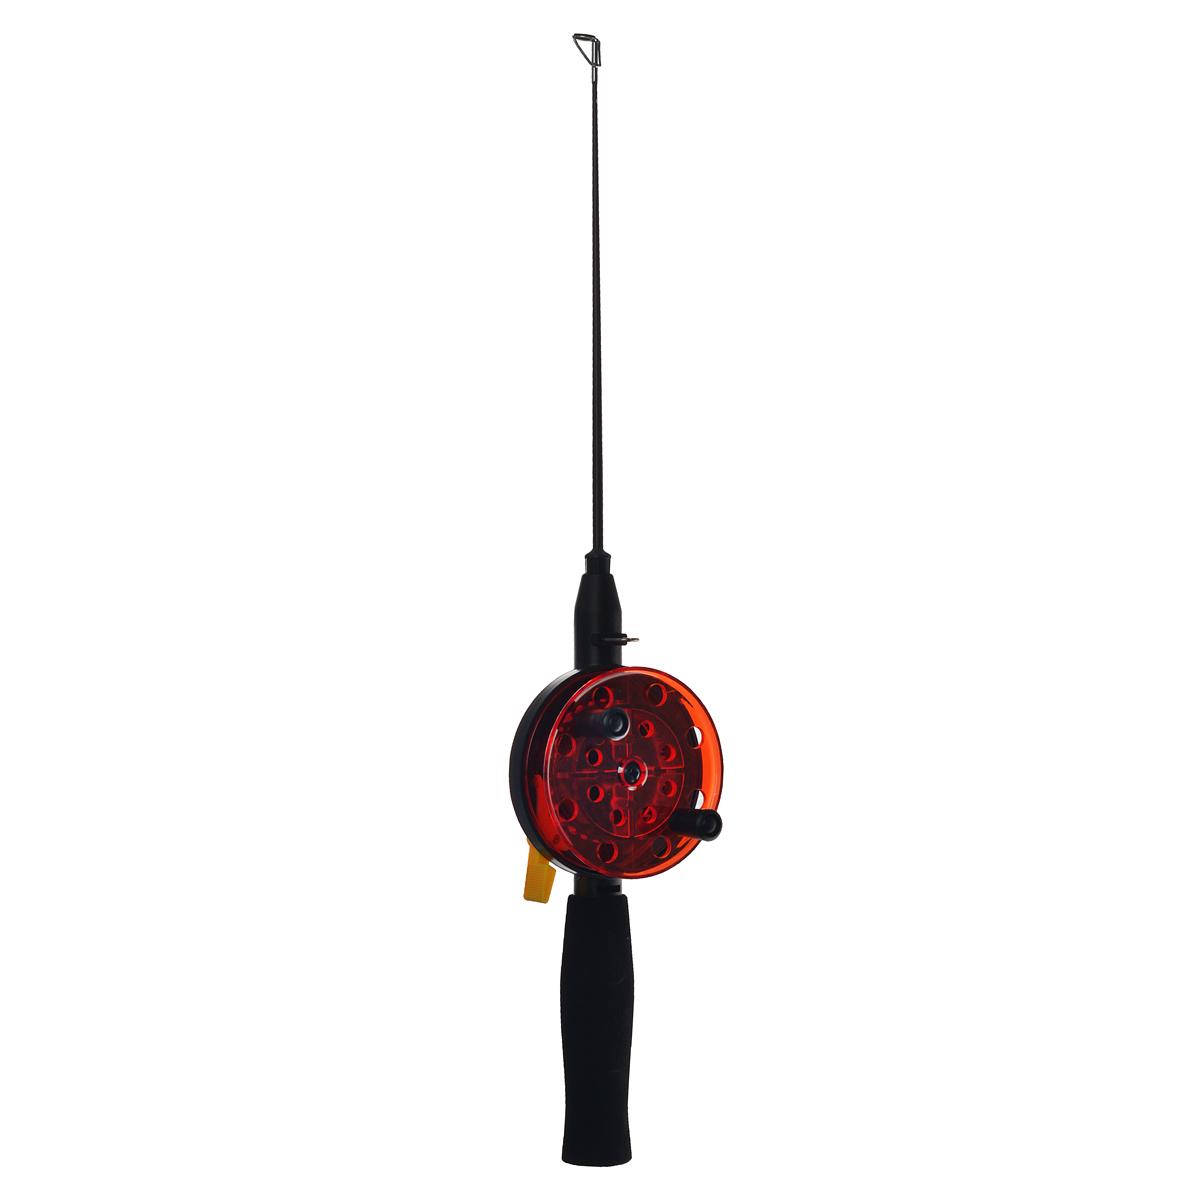 Удочка зимняя SWD HR202, цвет: черный, красный, d 76 мм, ручка неопрен 10 см, хл-кар 20 см